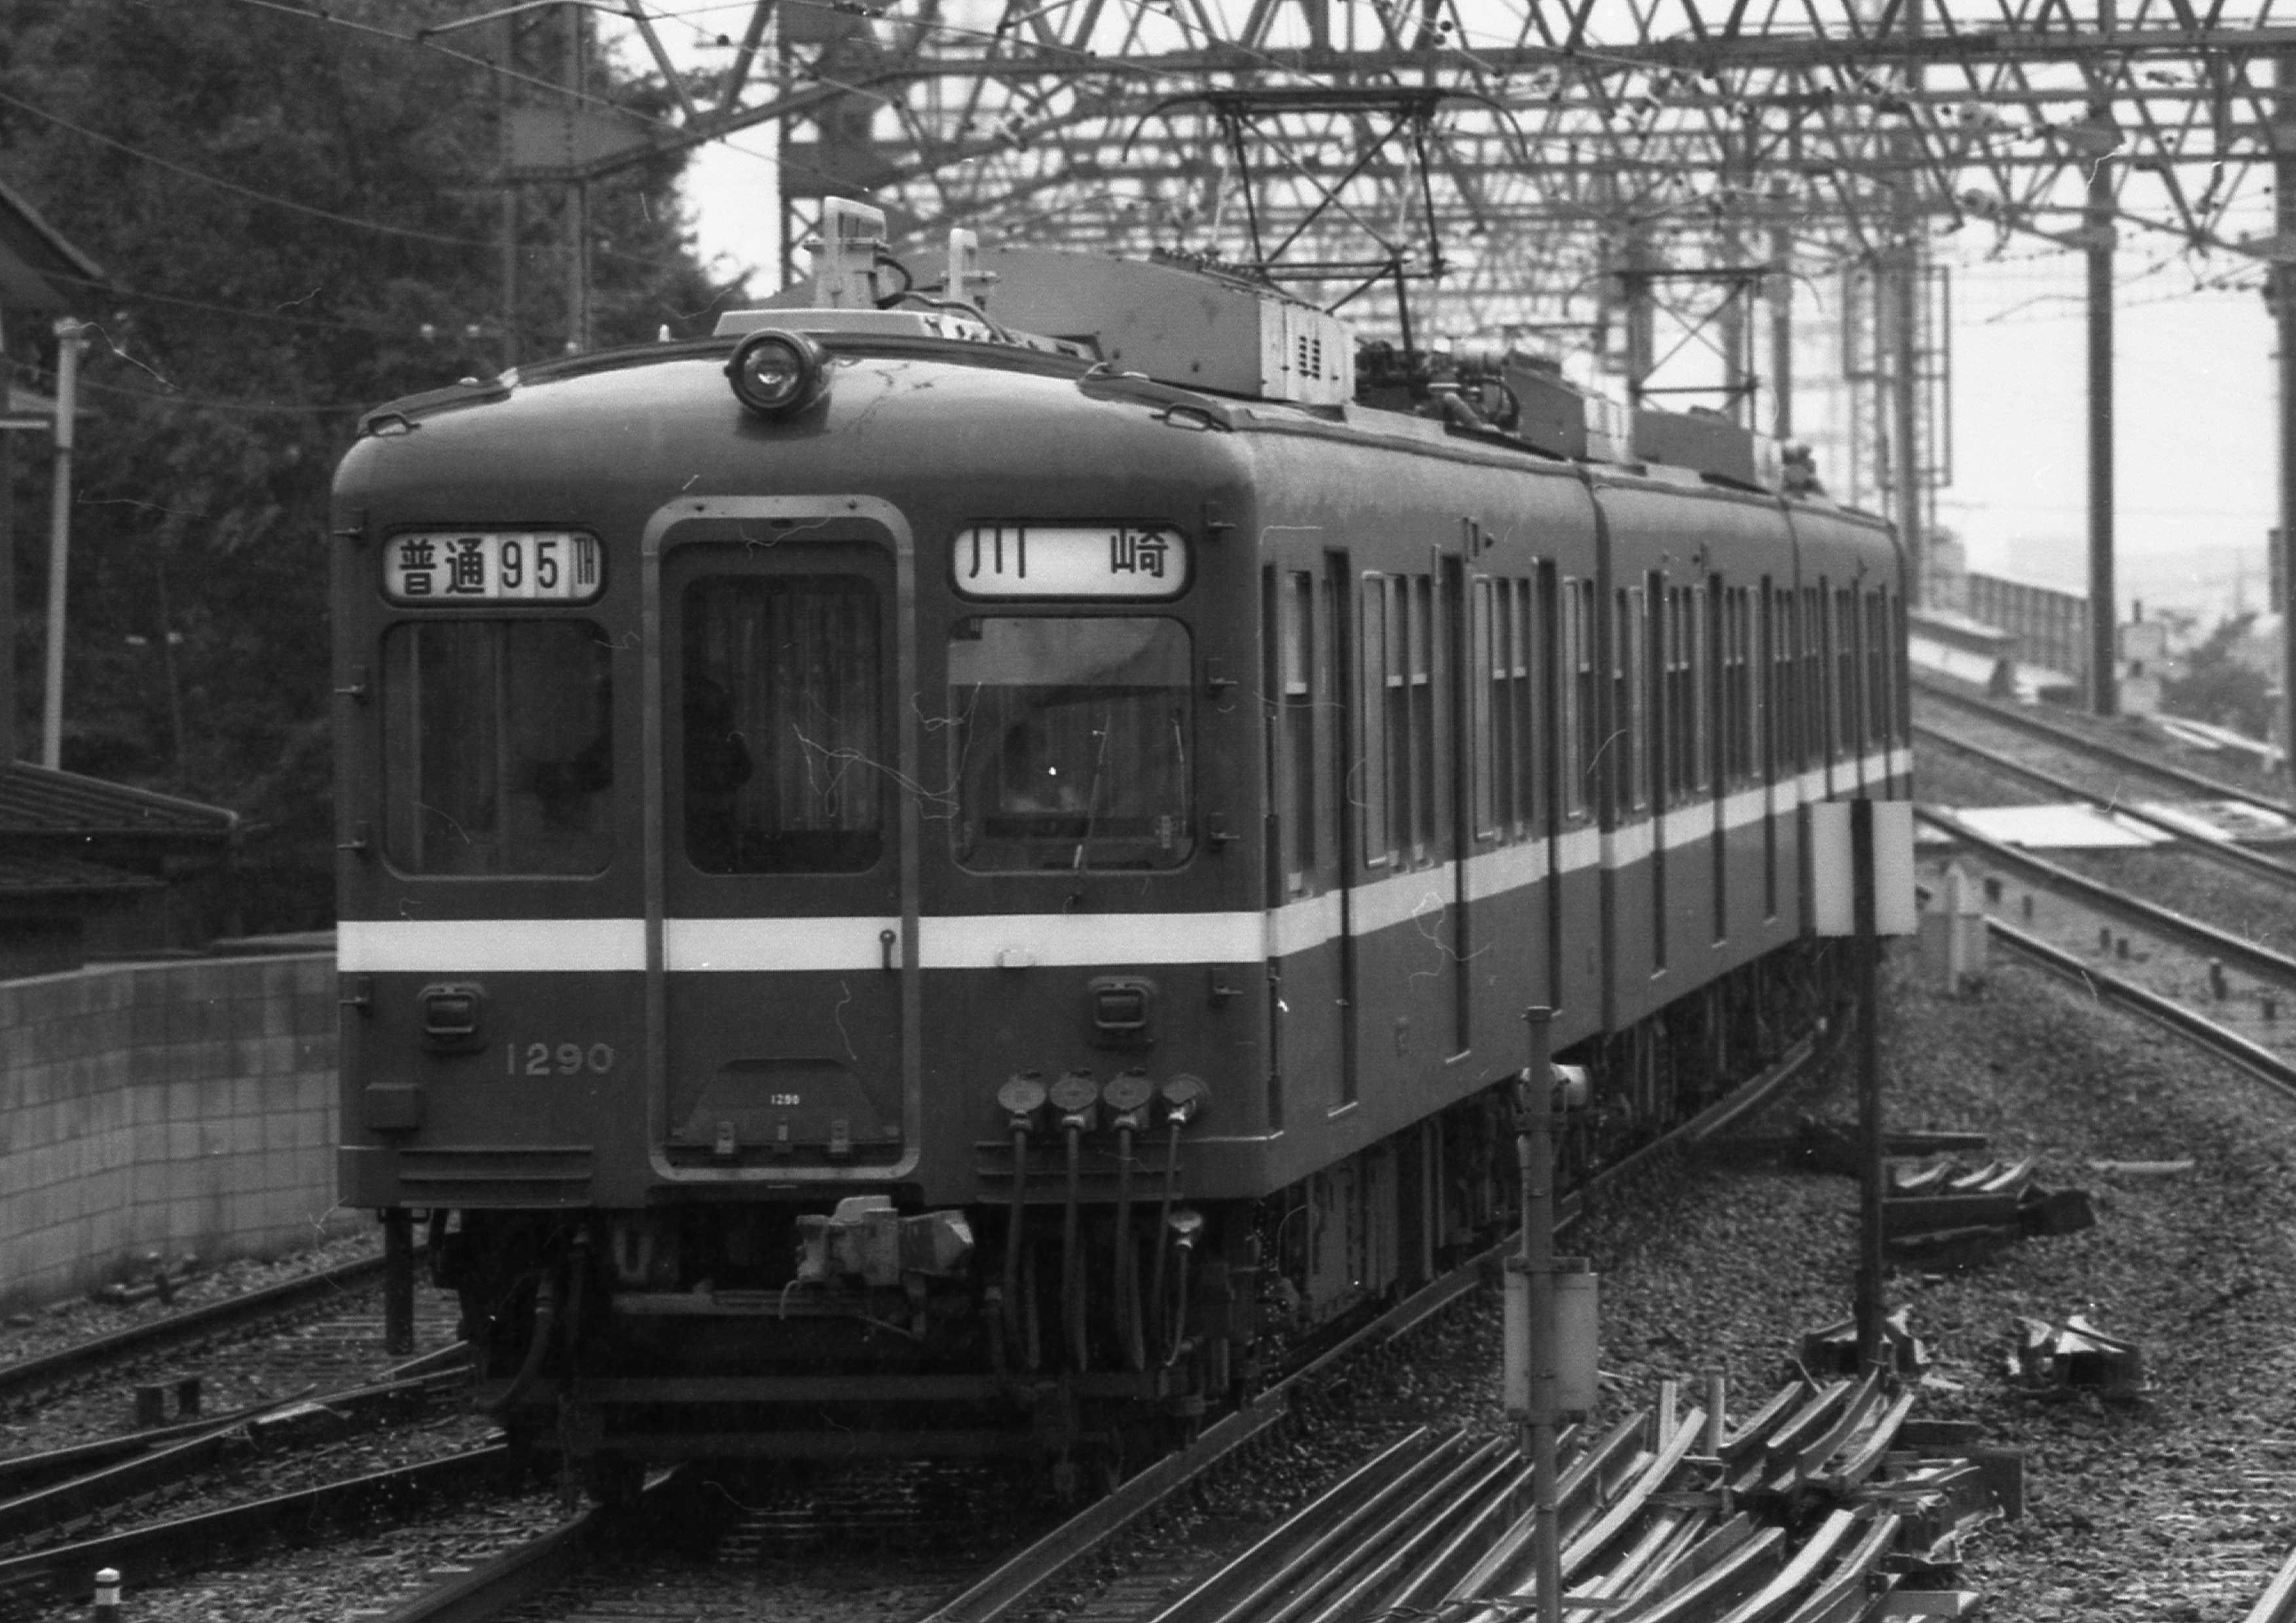 File:1283 Takasago 1989.jpg